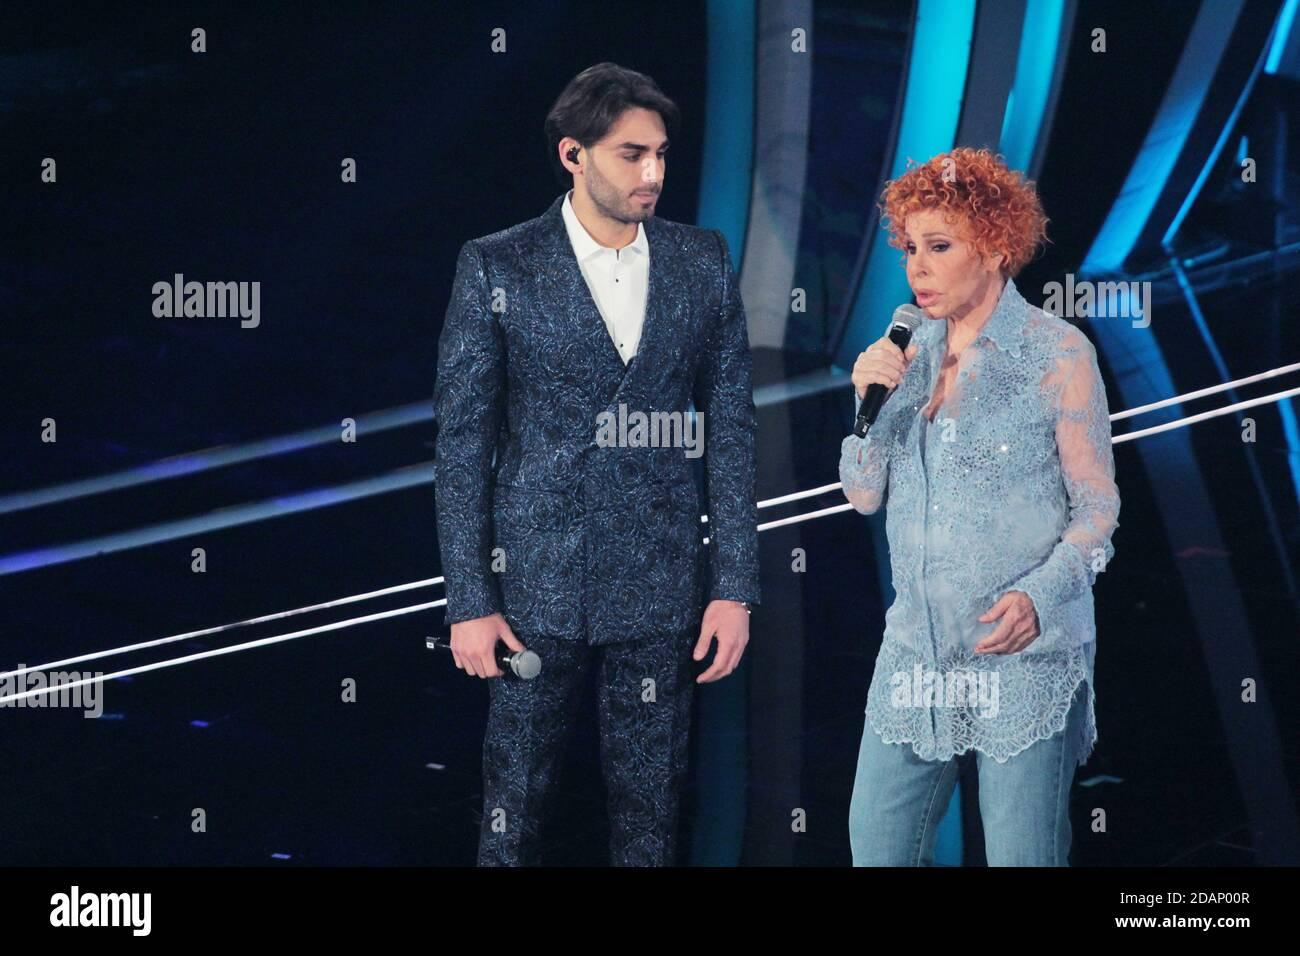 Alberto Urso e Ornella Vanoni a Sanremo 2020 Serata Cover Stock Photo